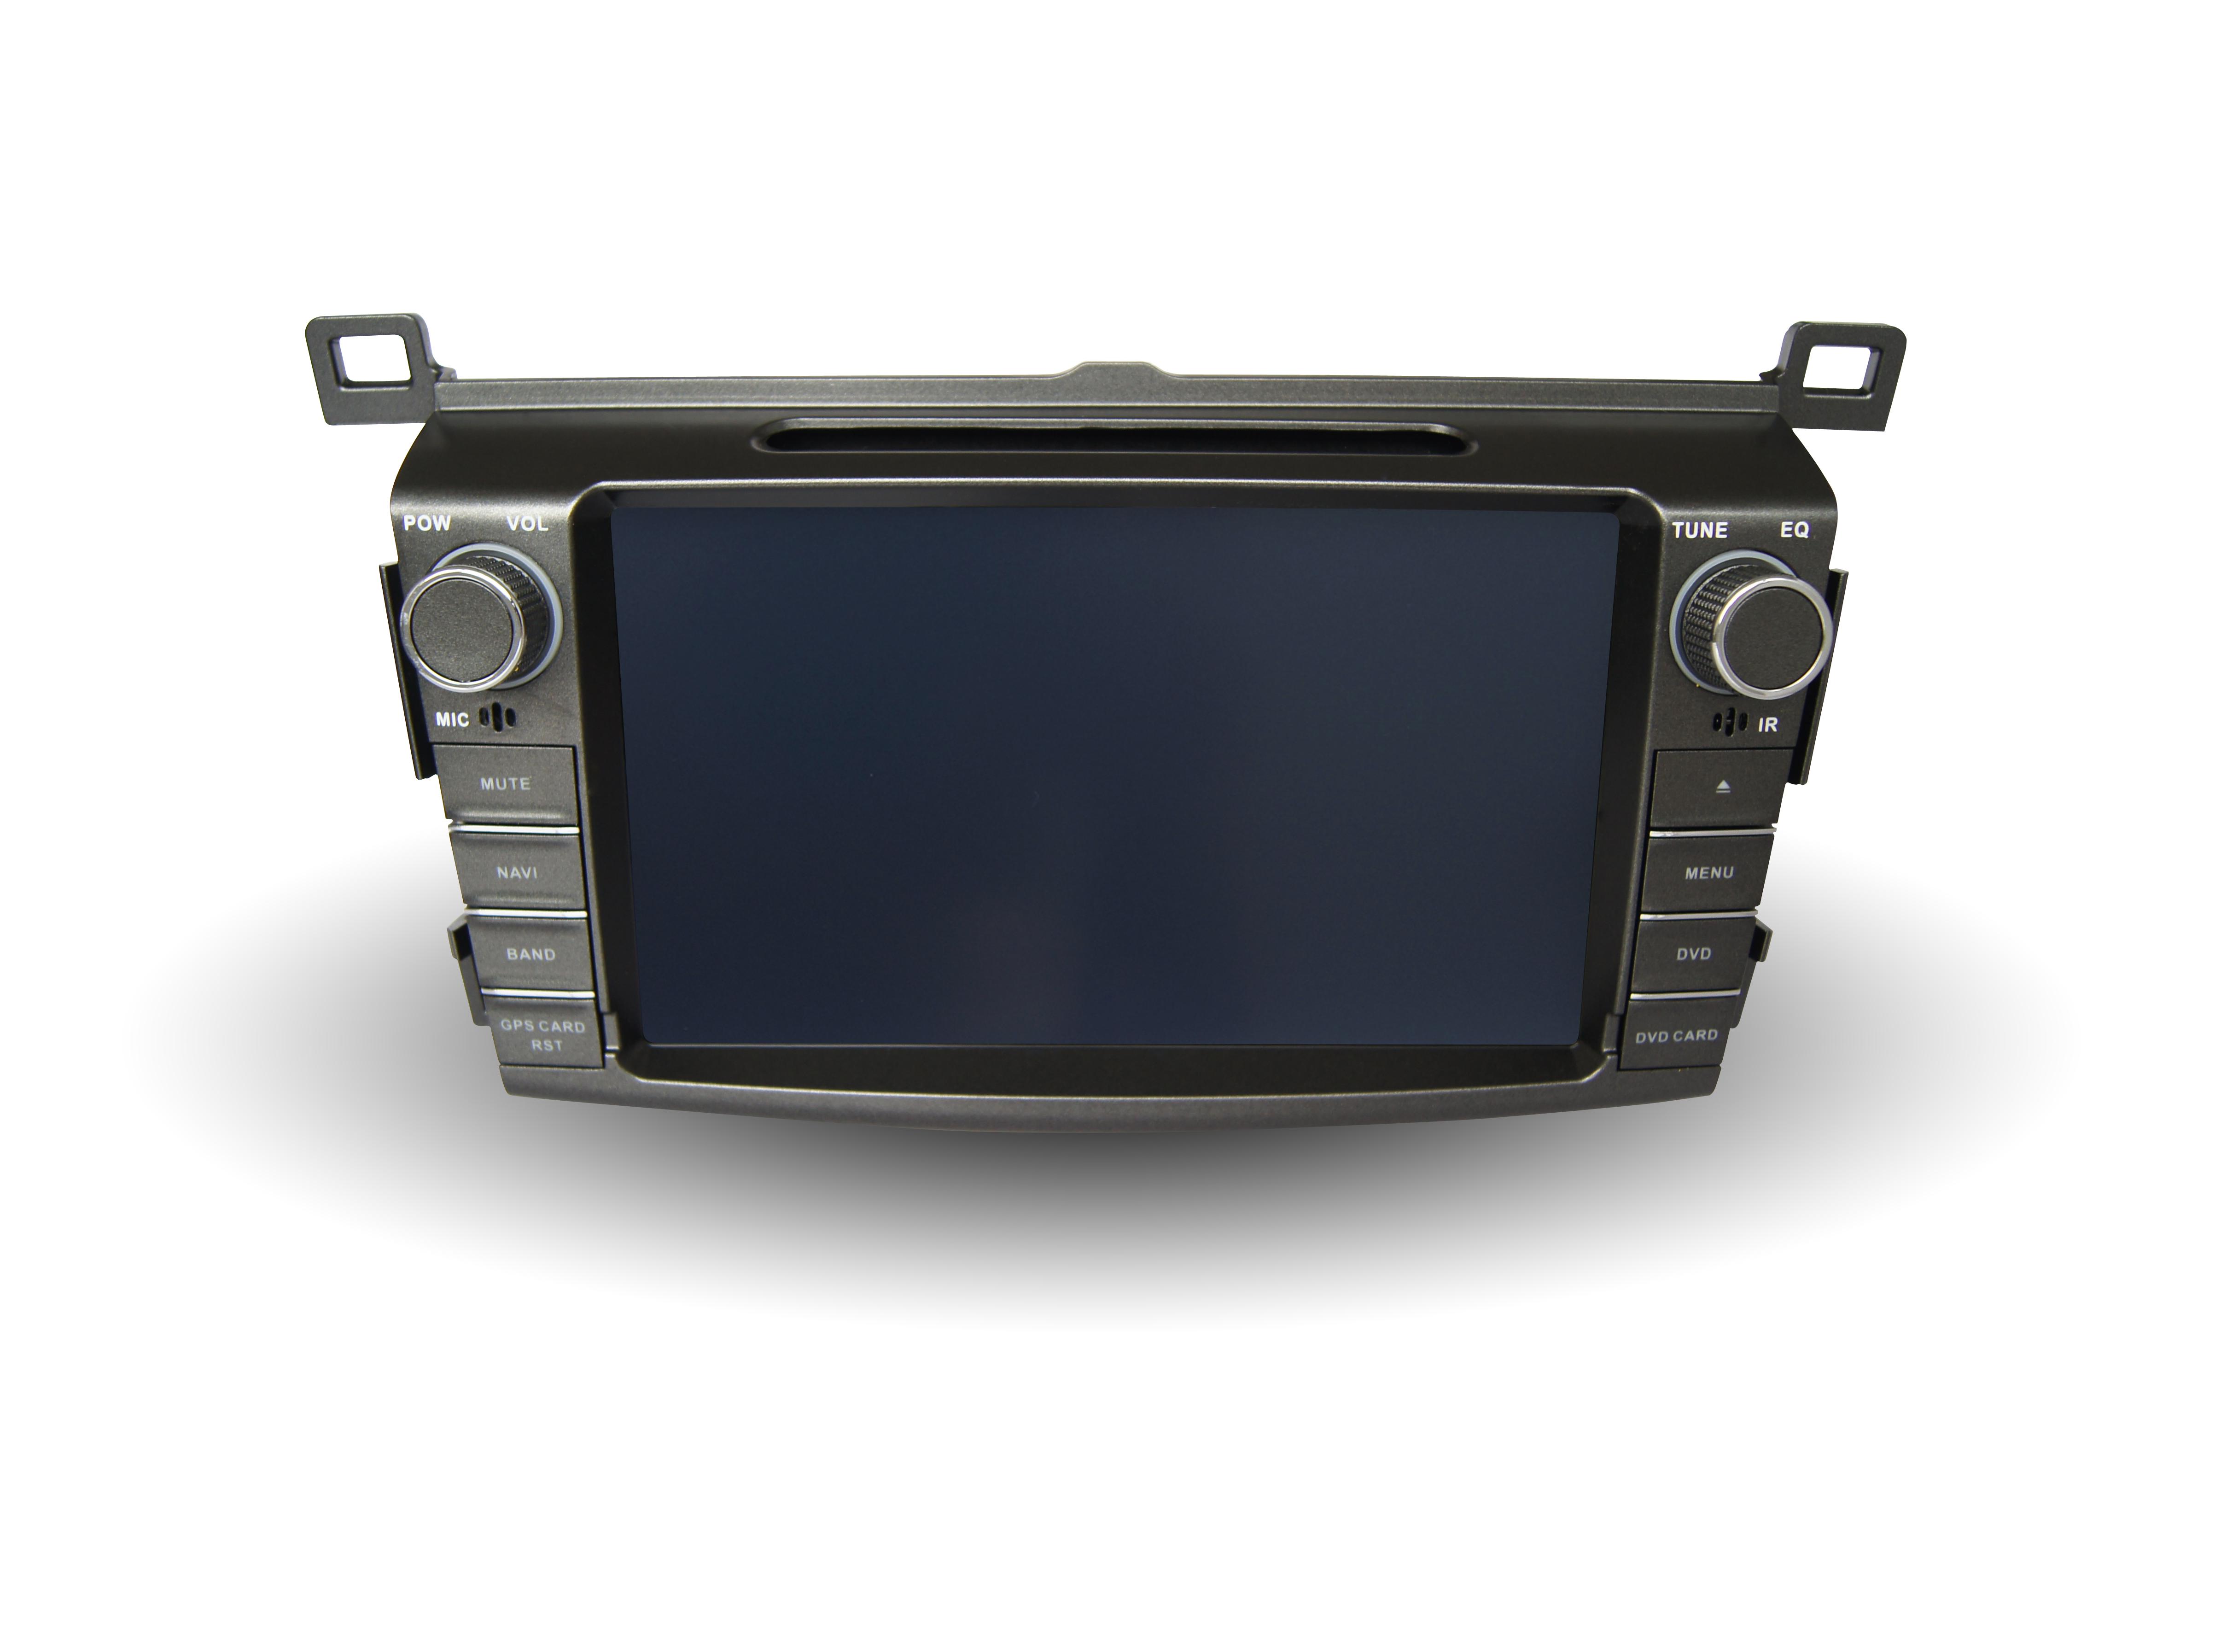 Штатная магнитола CARMEDIA QR-8045-T8 Toyota RAV4 2013+ (поддержка кругового обзора, усилителя, камеры, бк) на OC Android 7.1.2 / 8.1 штатная магнитола carmedia mkd 1040 dvd toyota land cruiser prado 150 2013 2016 поддержка кругового обзора